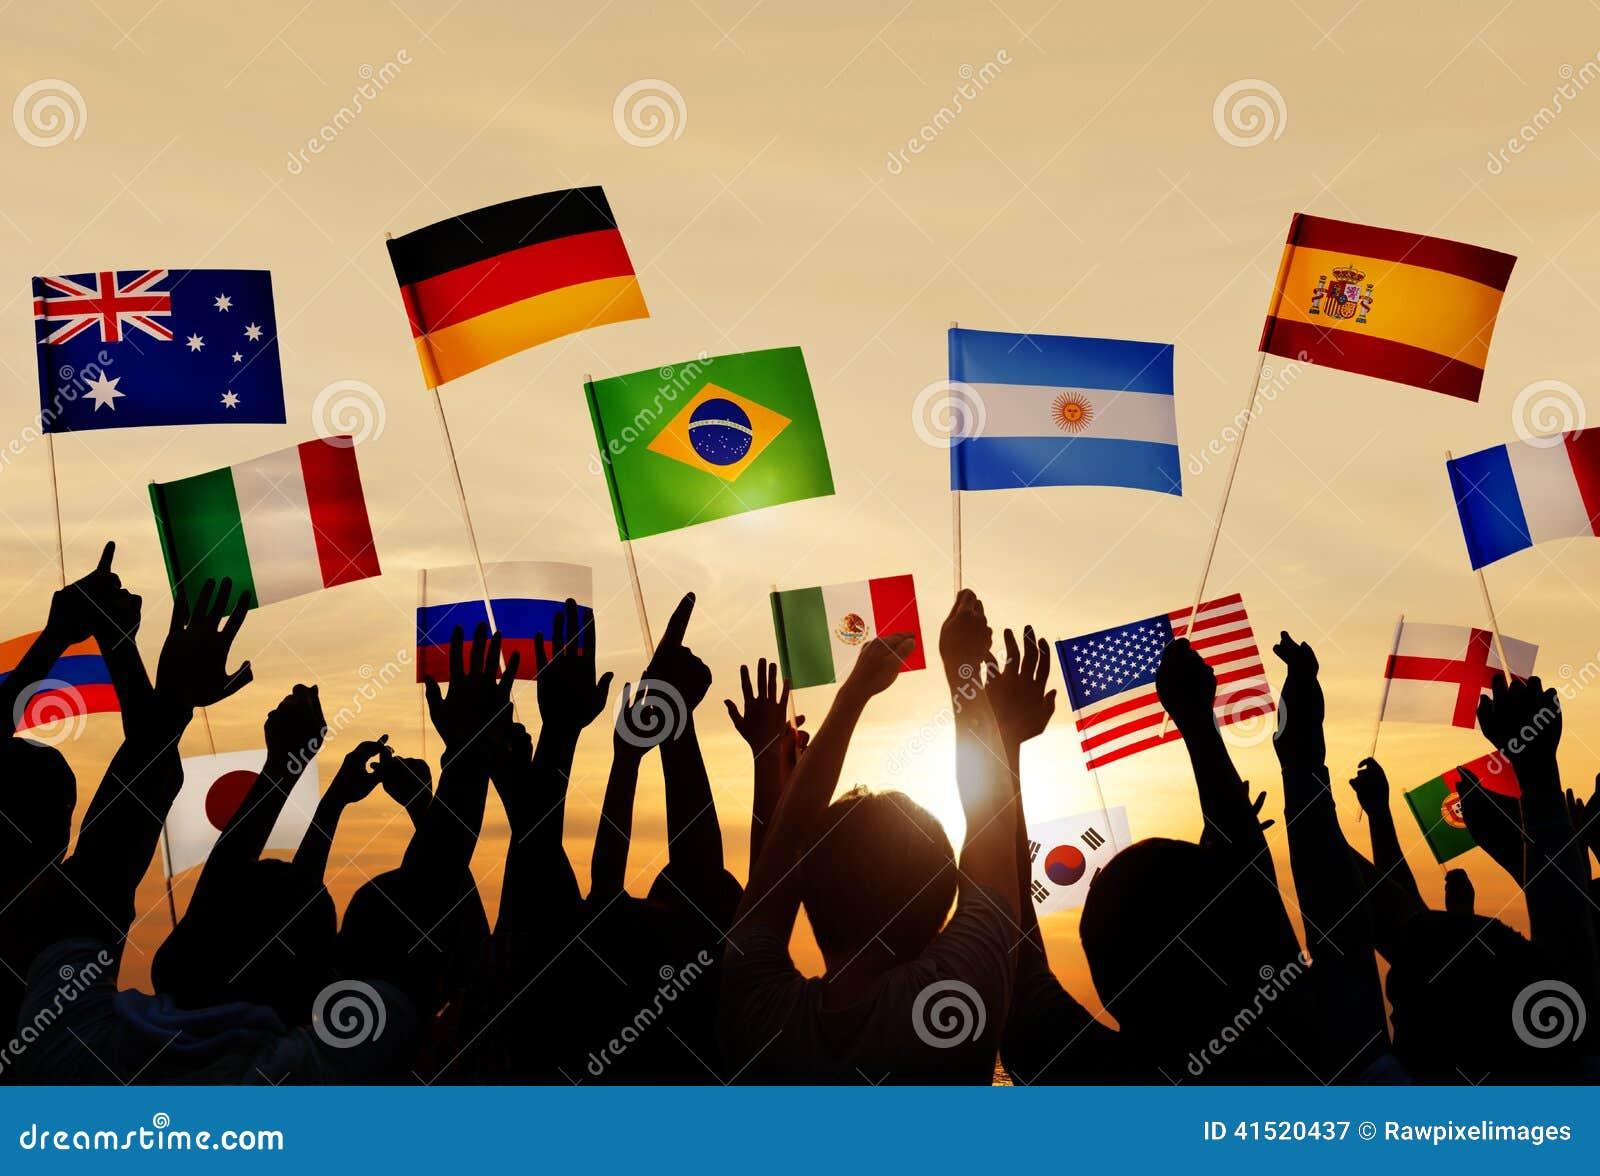 Σκιαγραφίες των σημαιών εκμετάλλευσης ανθρώπων από τις διάφορες χώρες